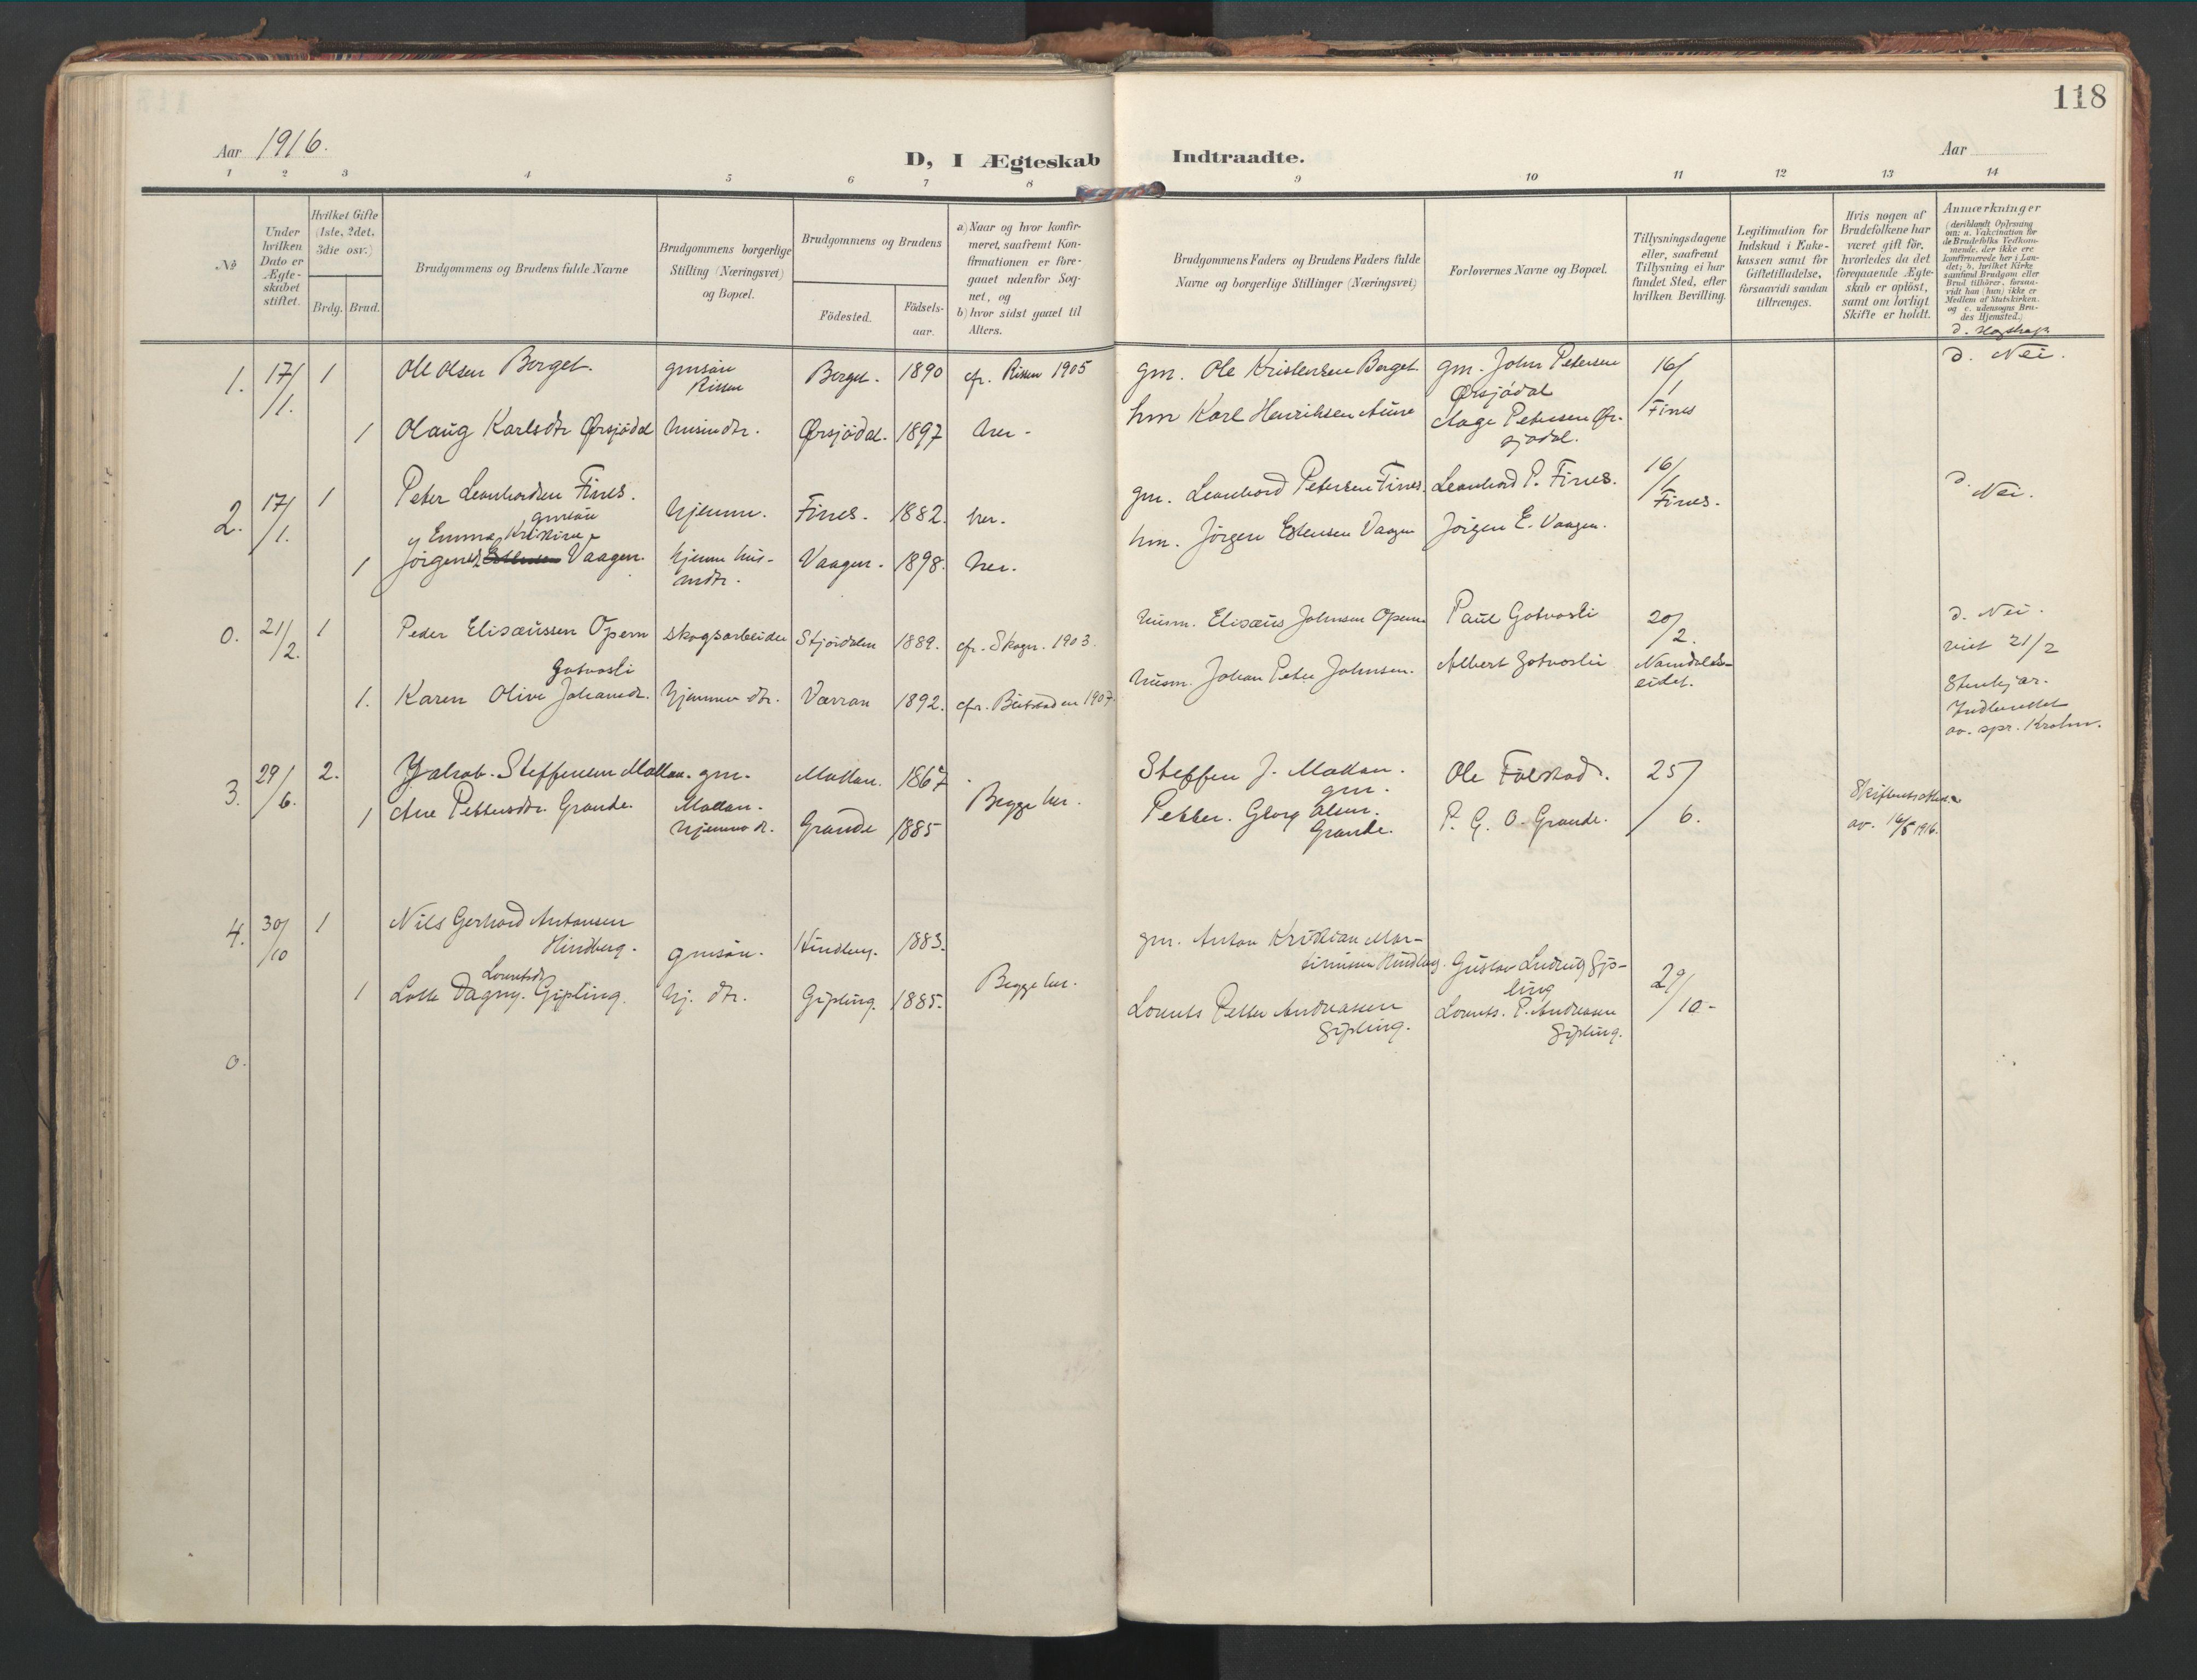 SAT, Ministerialprotokoller, klokkerbøker og fødselsregistre - Nord-Trøndelag, 744/L0421: Ministerialbok nr. 744A05, 1905-1930, s. 118